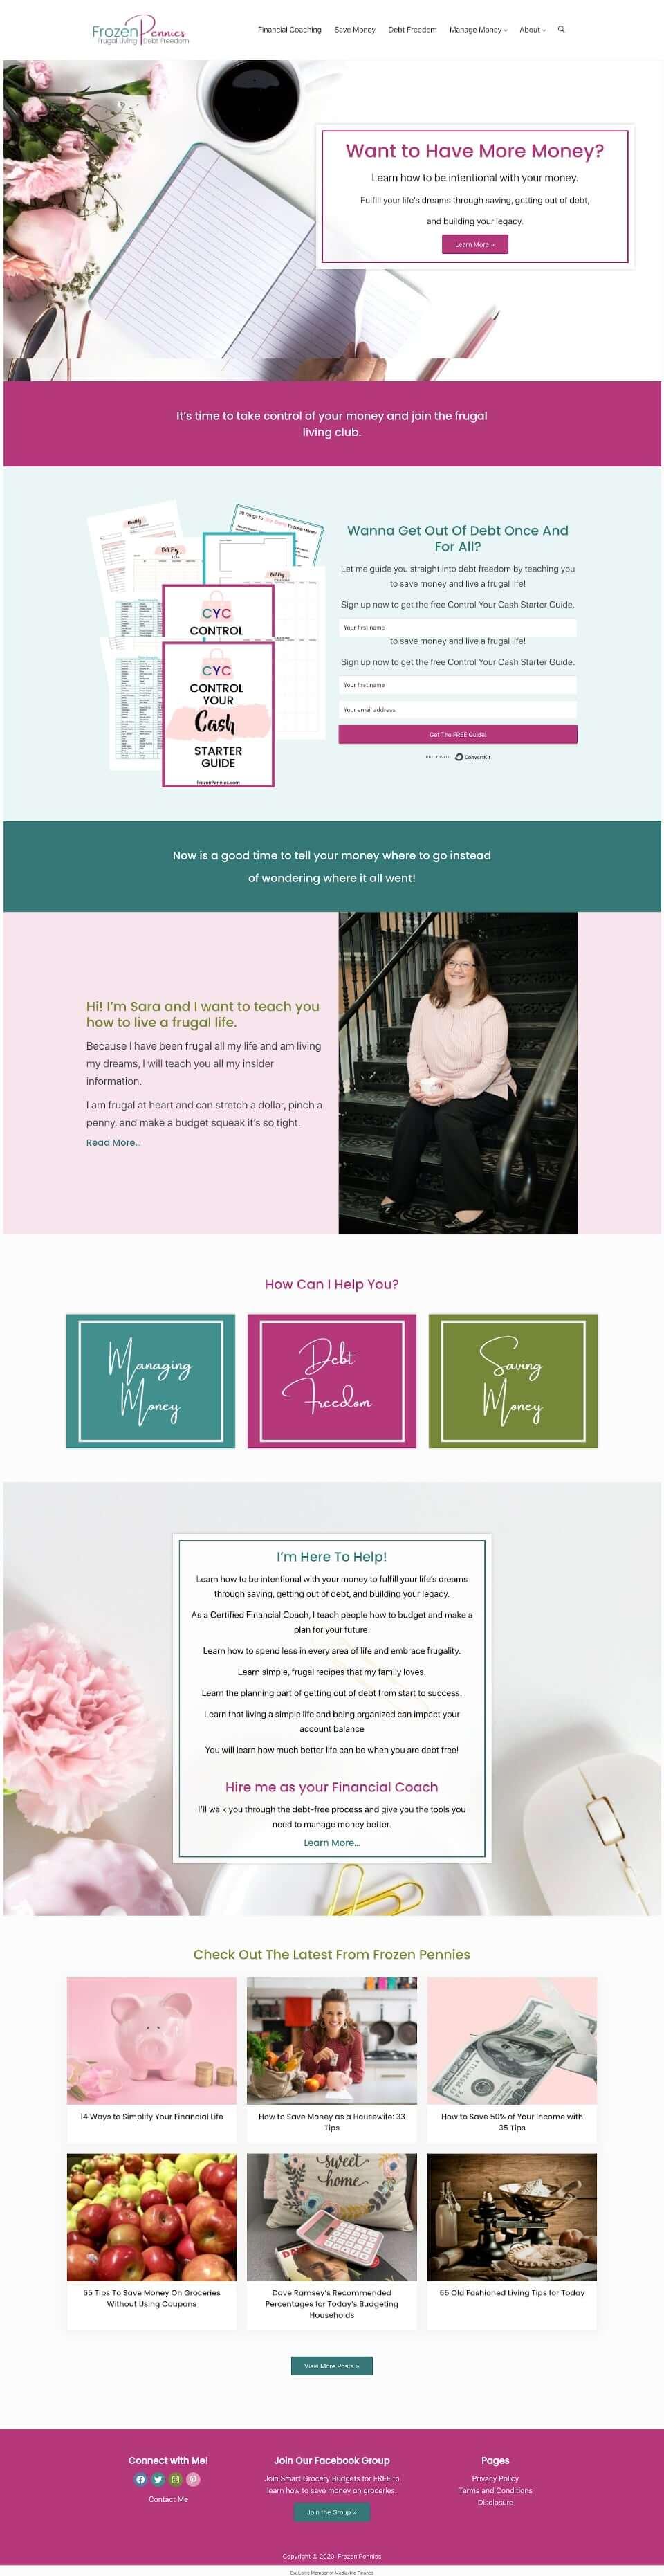 frozen pennies financial coaching home page